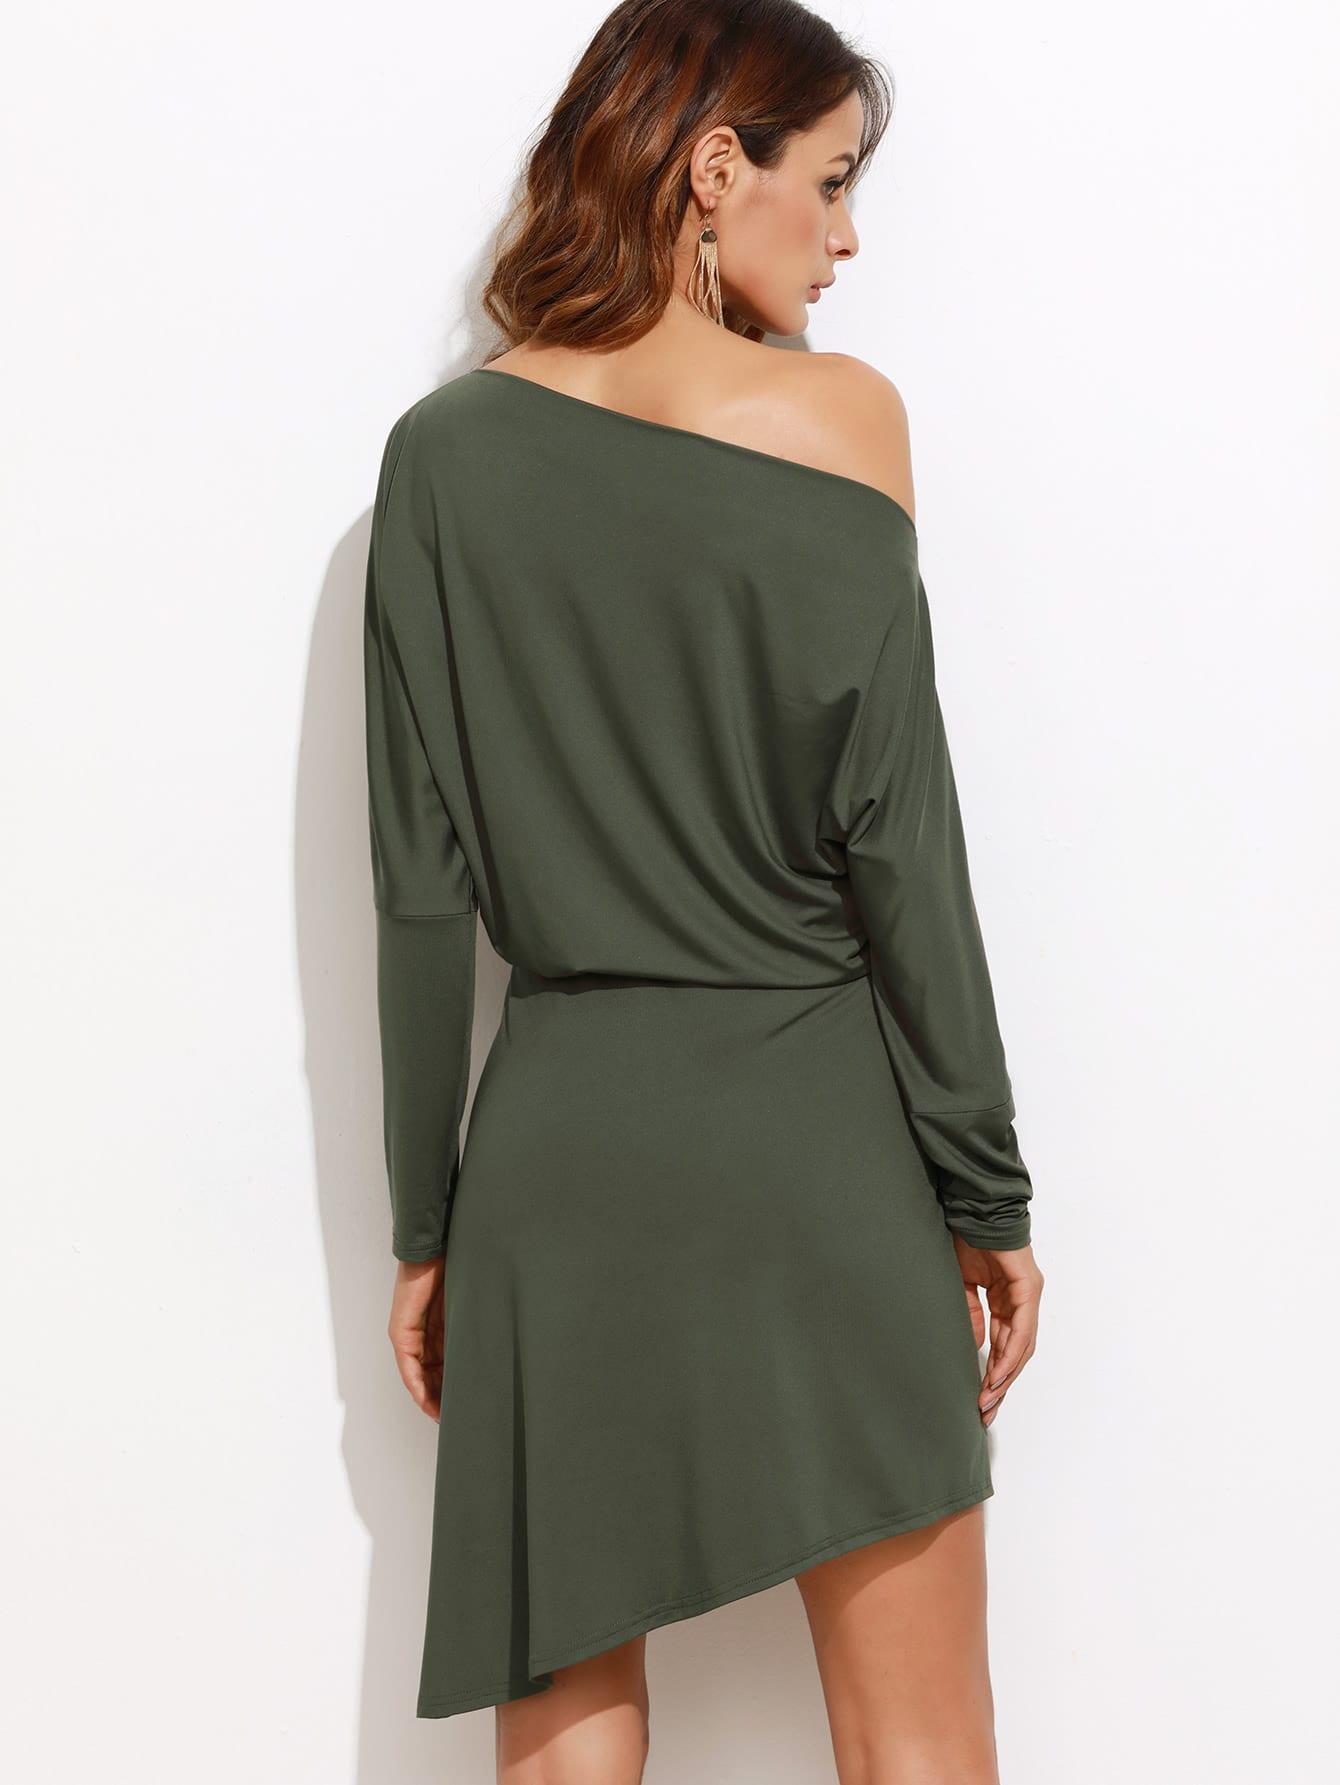 dress161011713_2